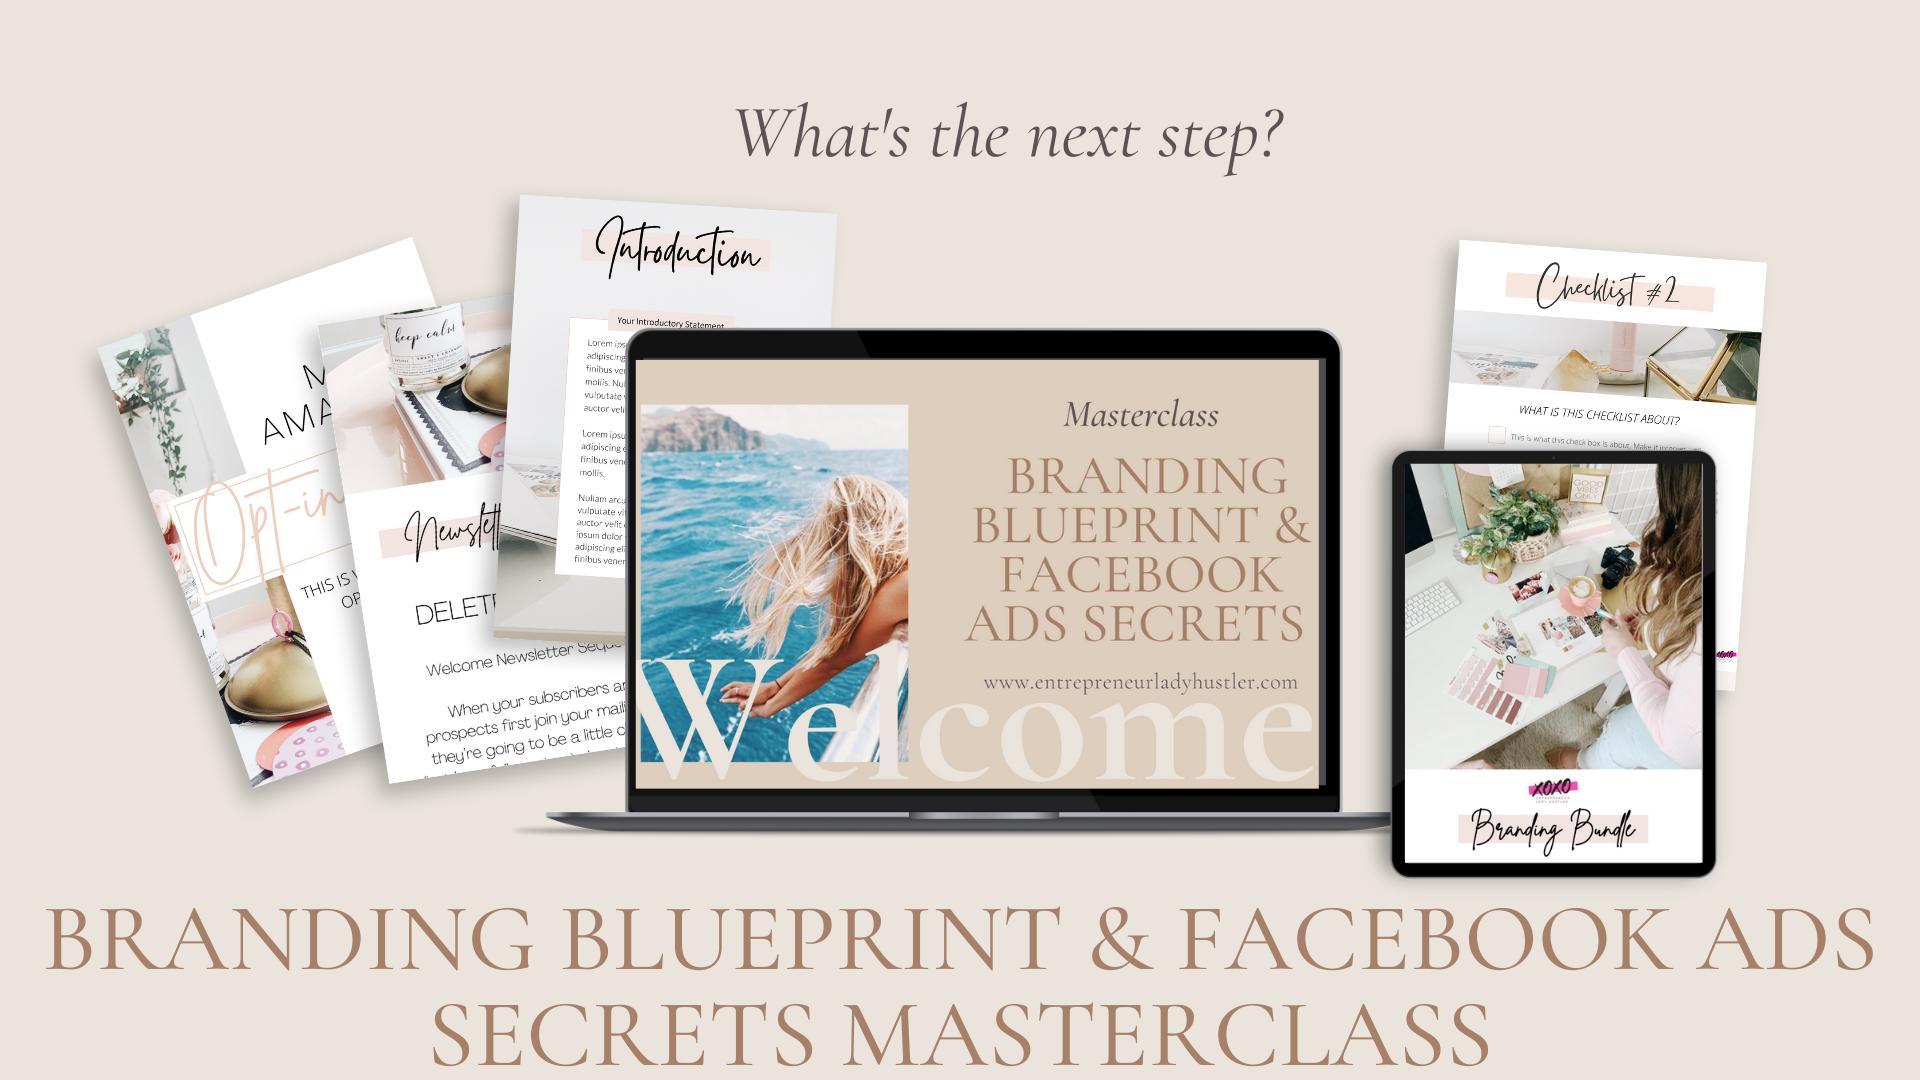 branding blueprint and facebook ads secrets masterclass